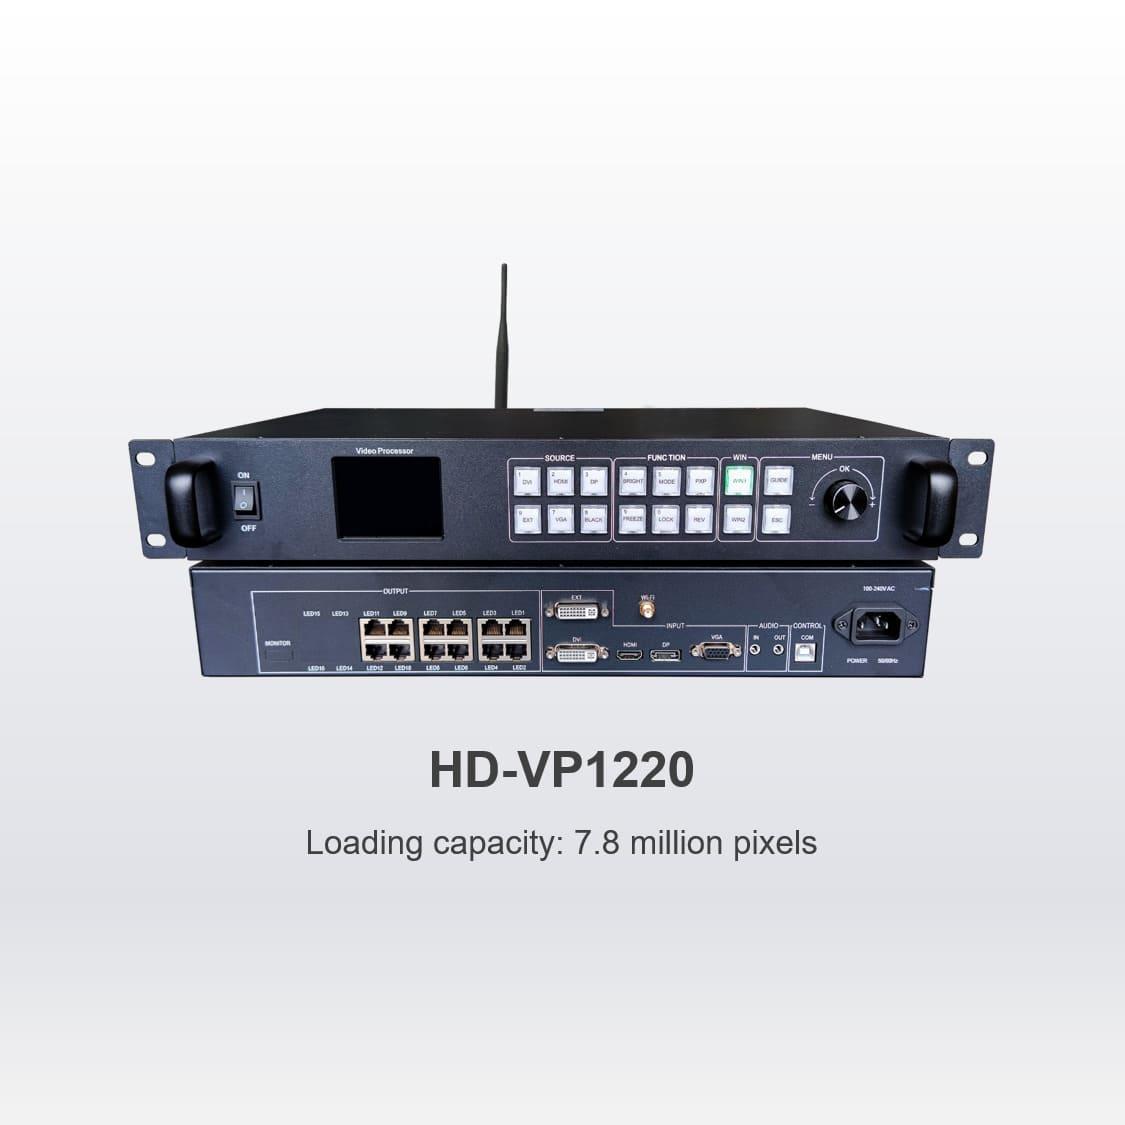 HDplayer LED Software Manual